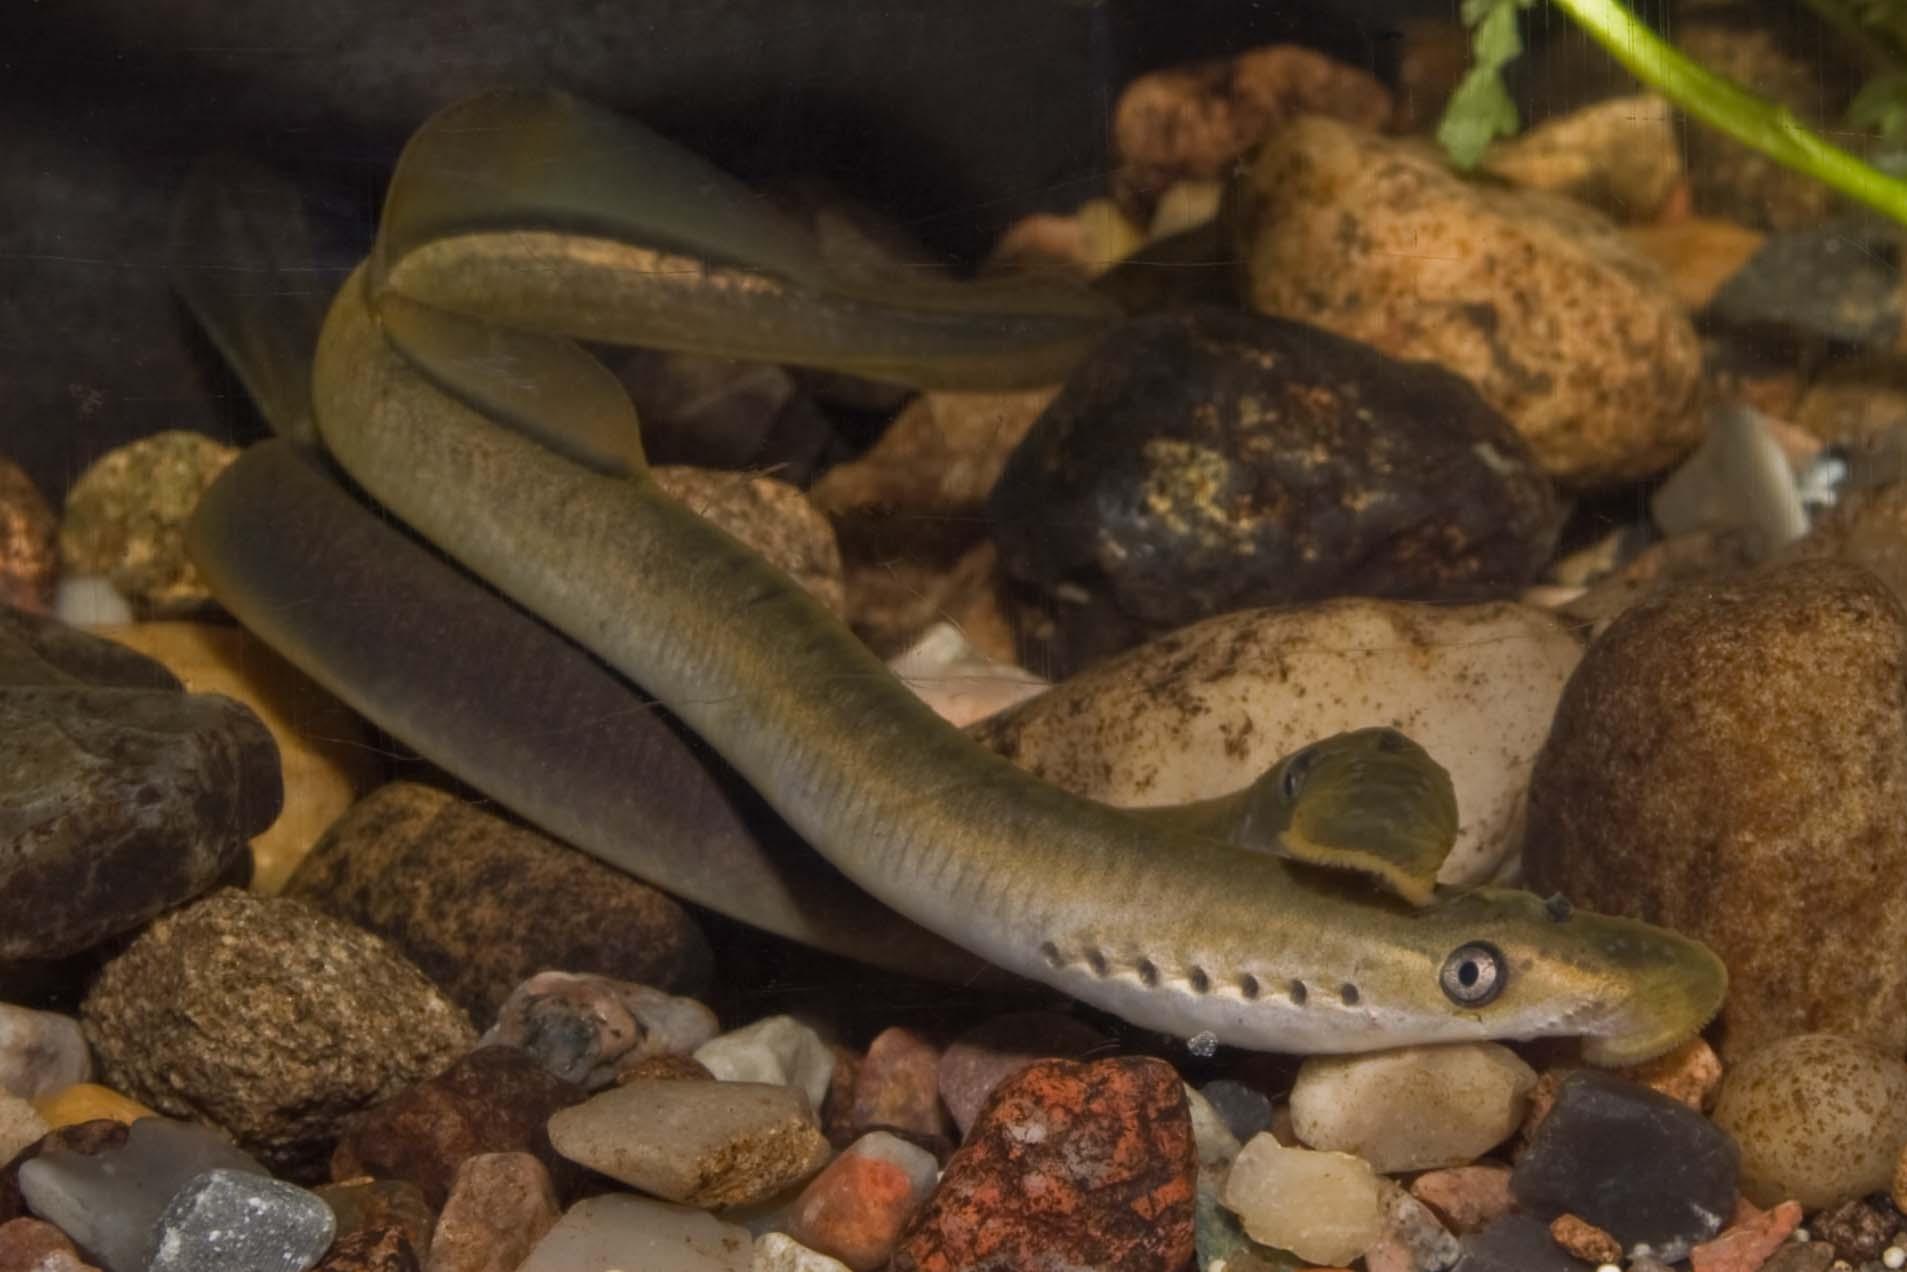 Brook lamprey swims wallpaper